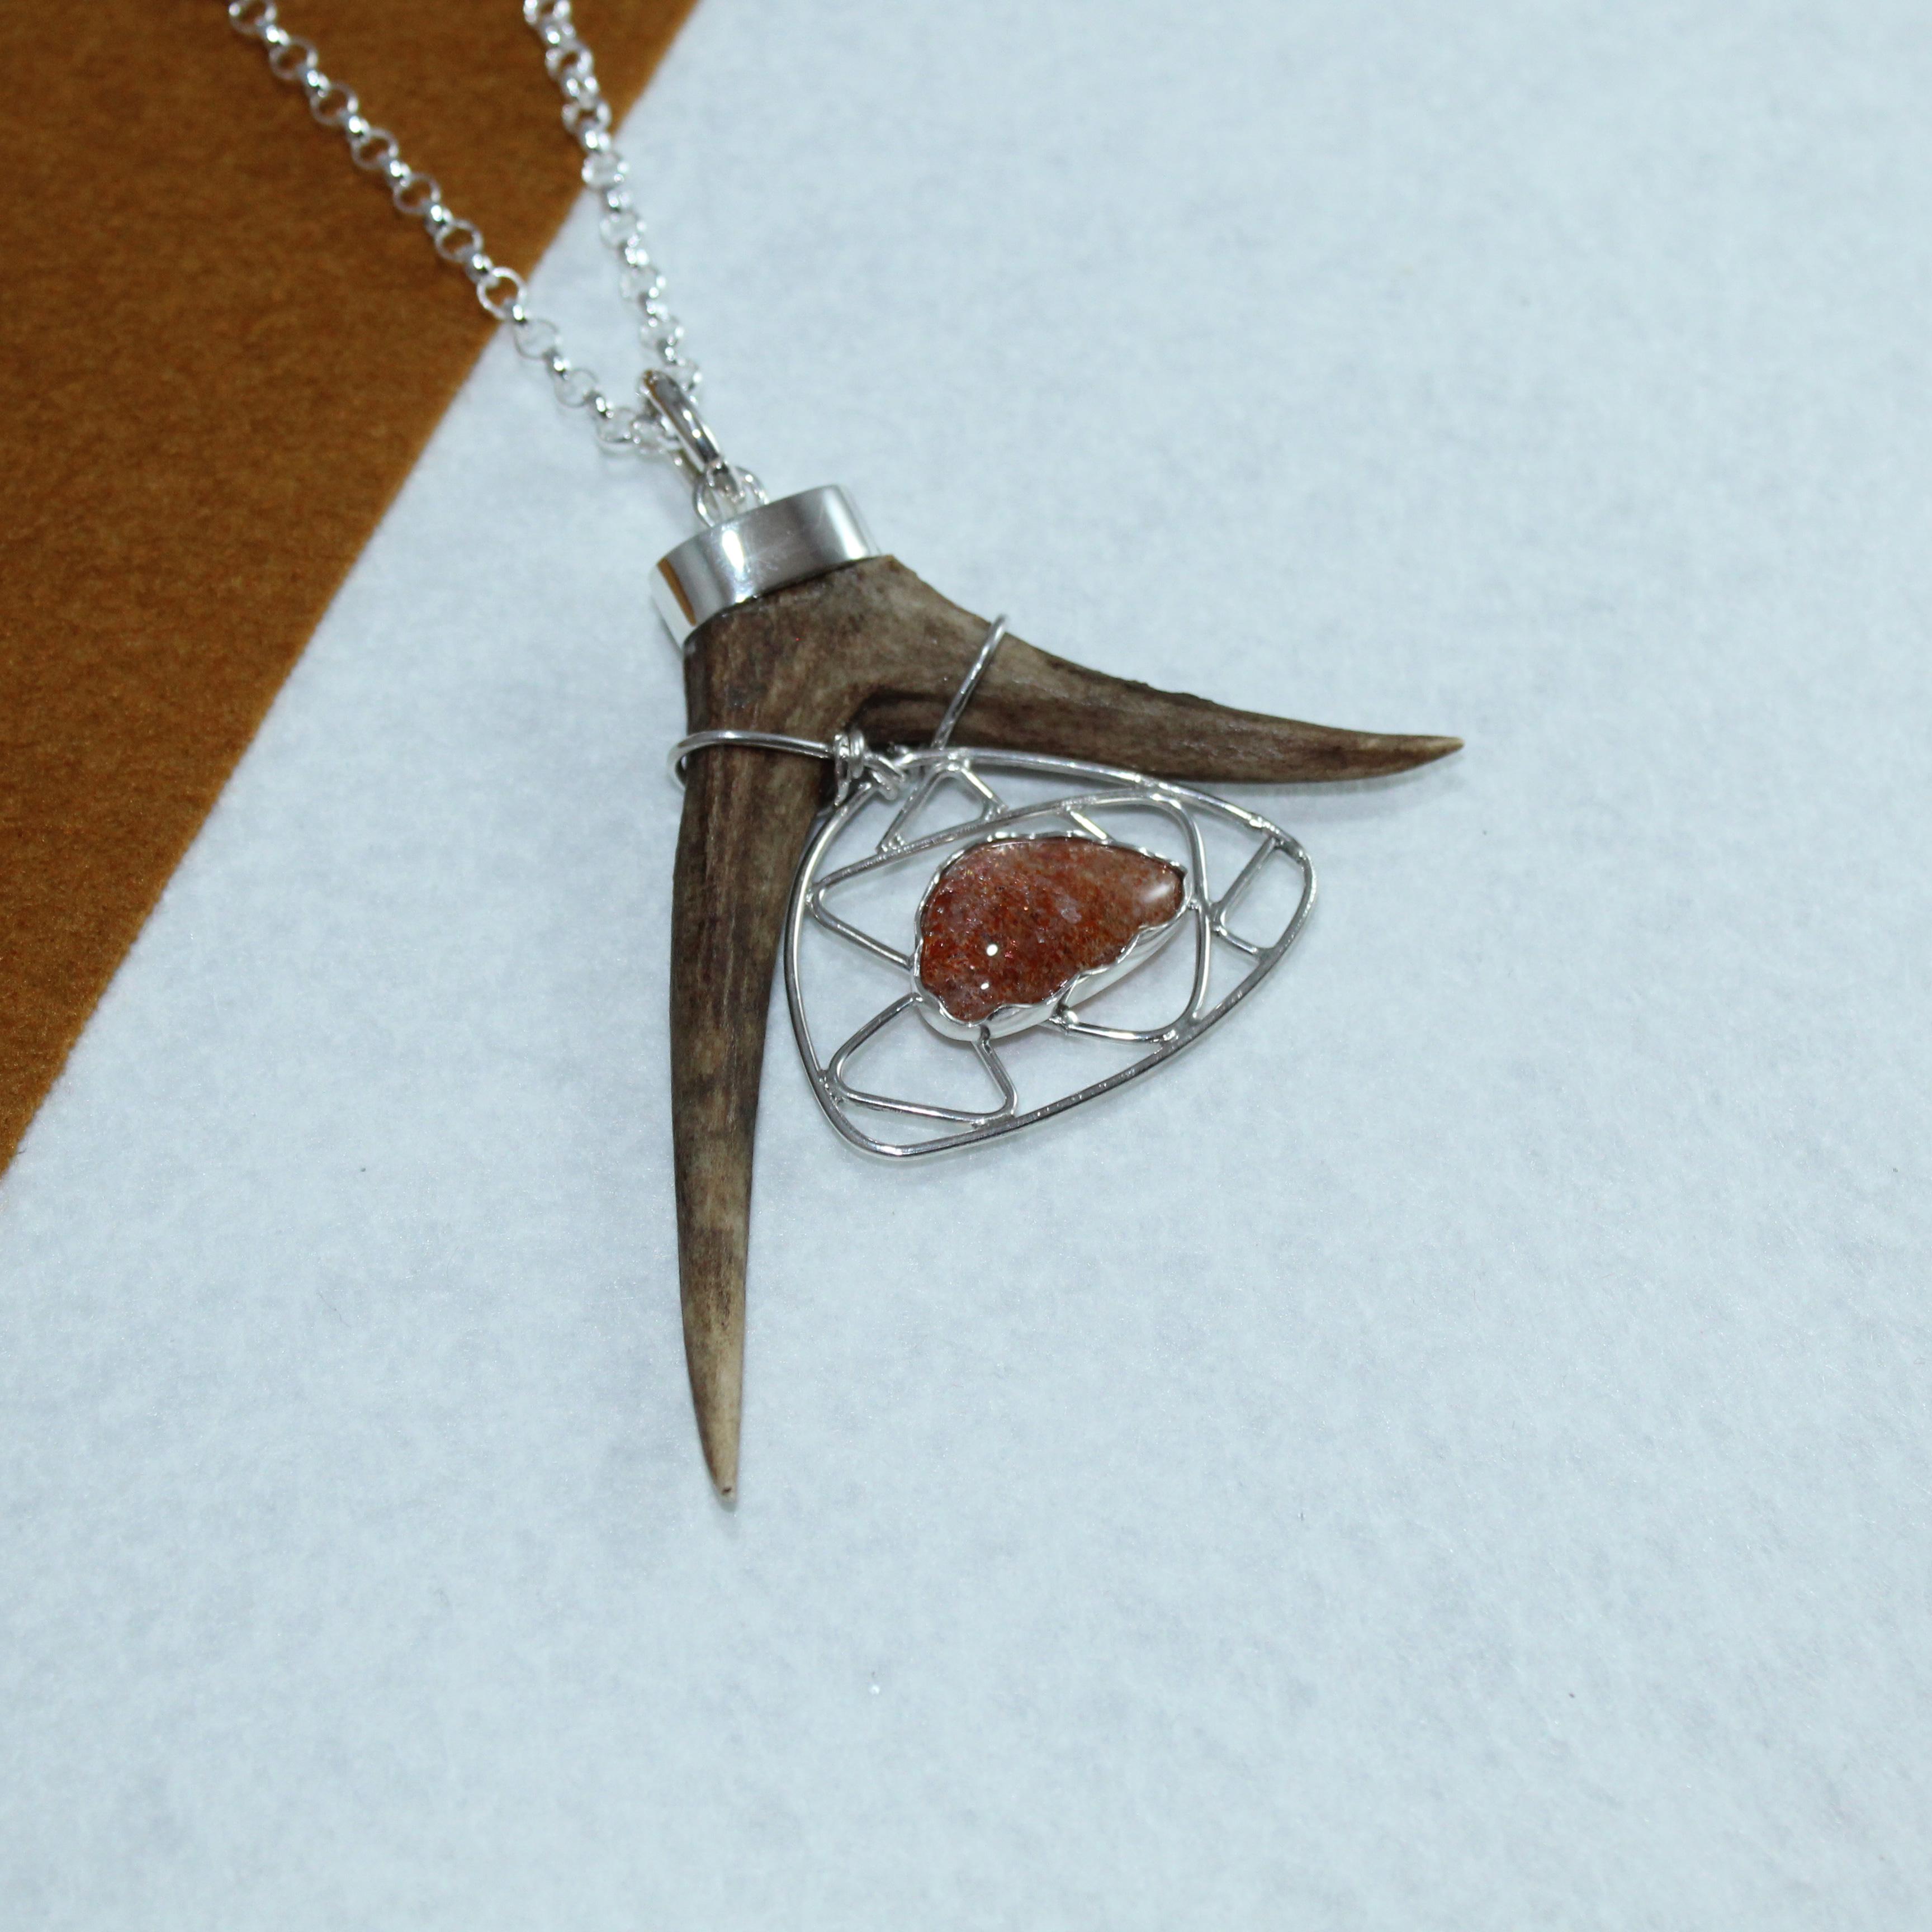 Colgante con punta d ecuerno de corzo montada en plata 925 y adularia, joyas de caza